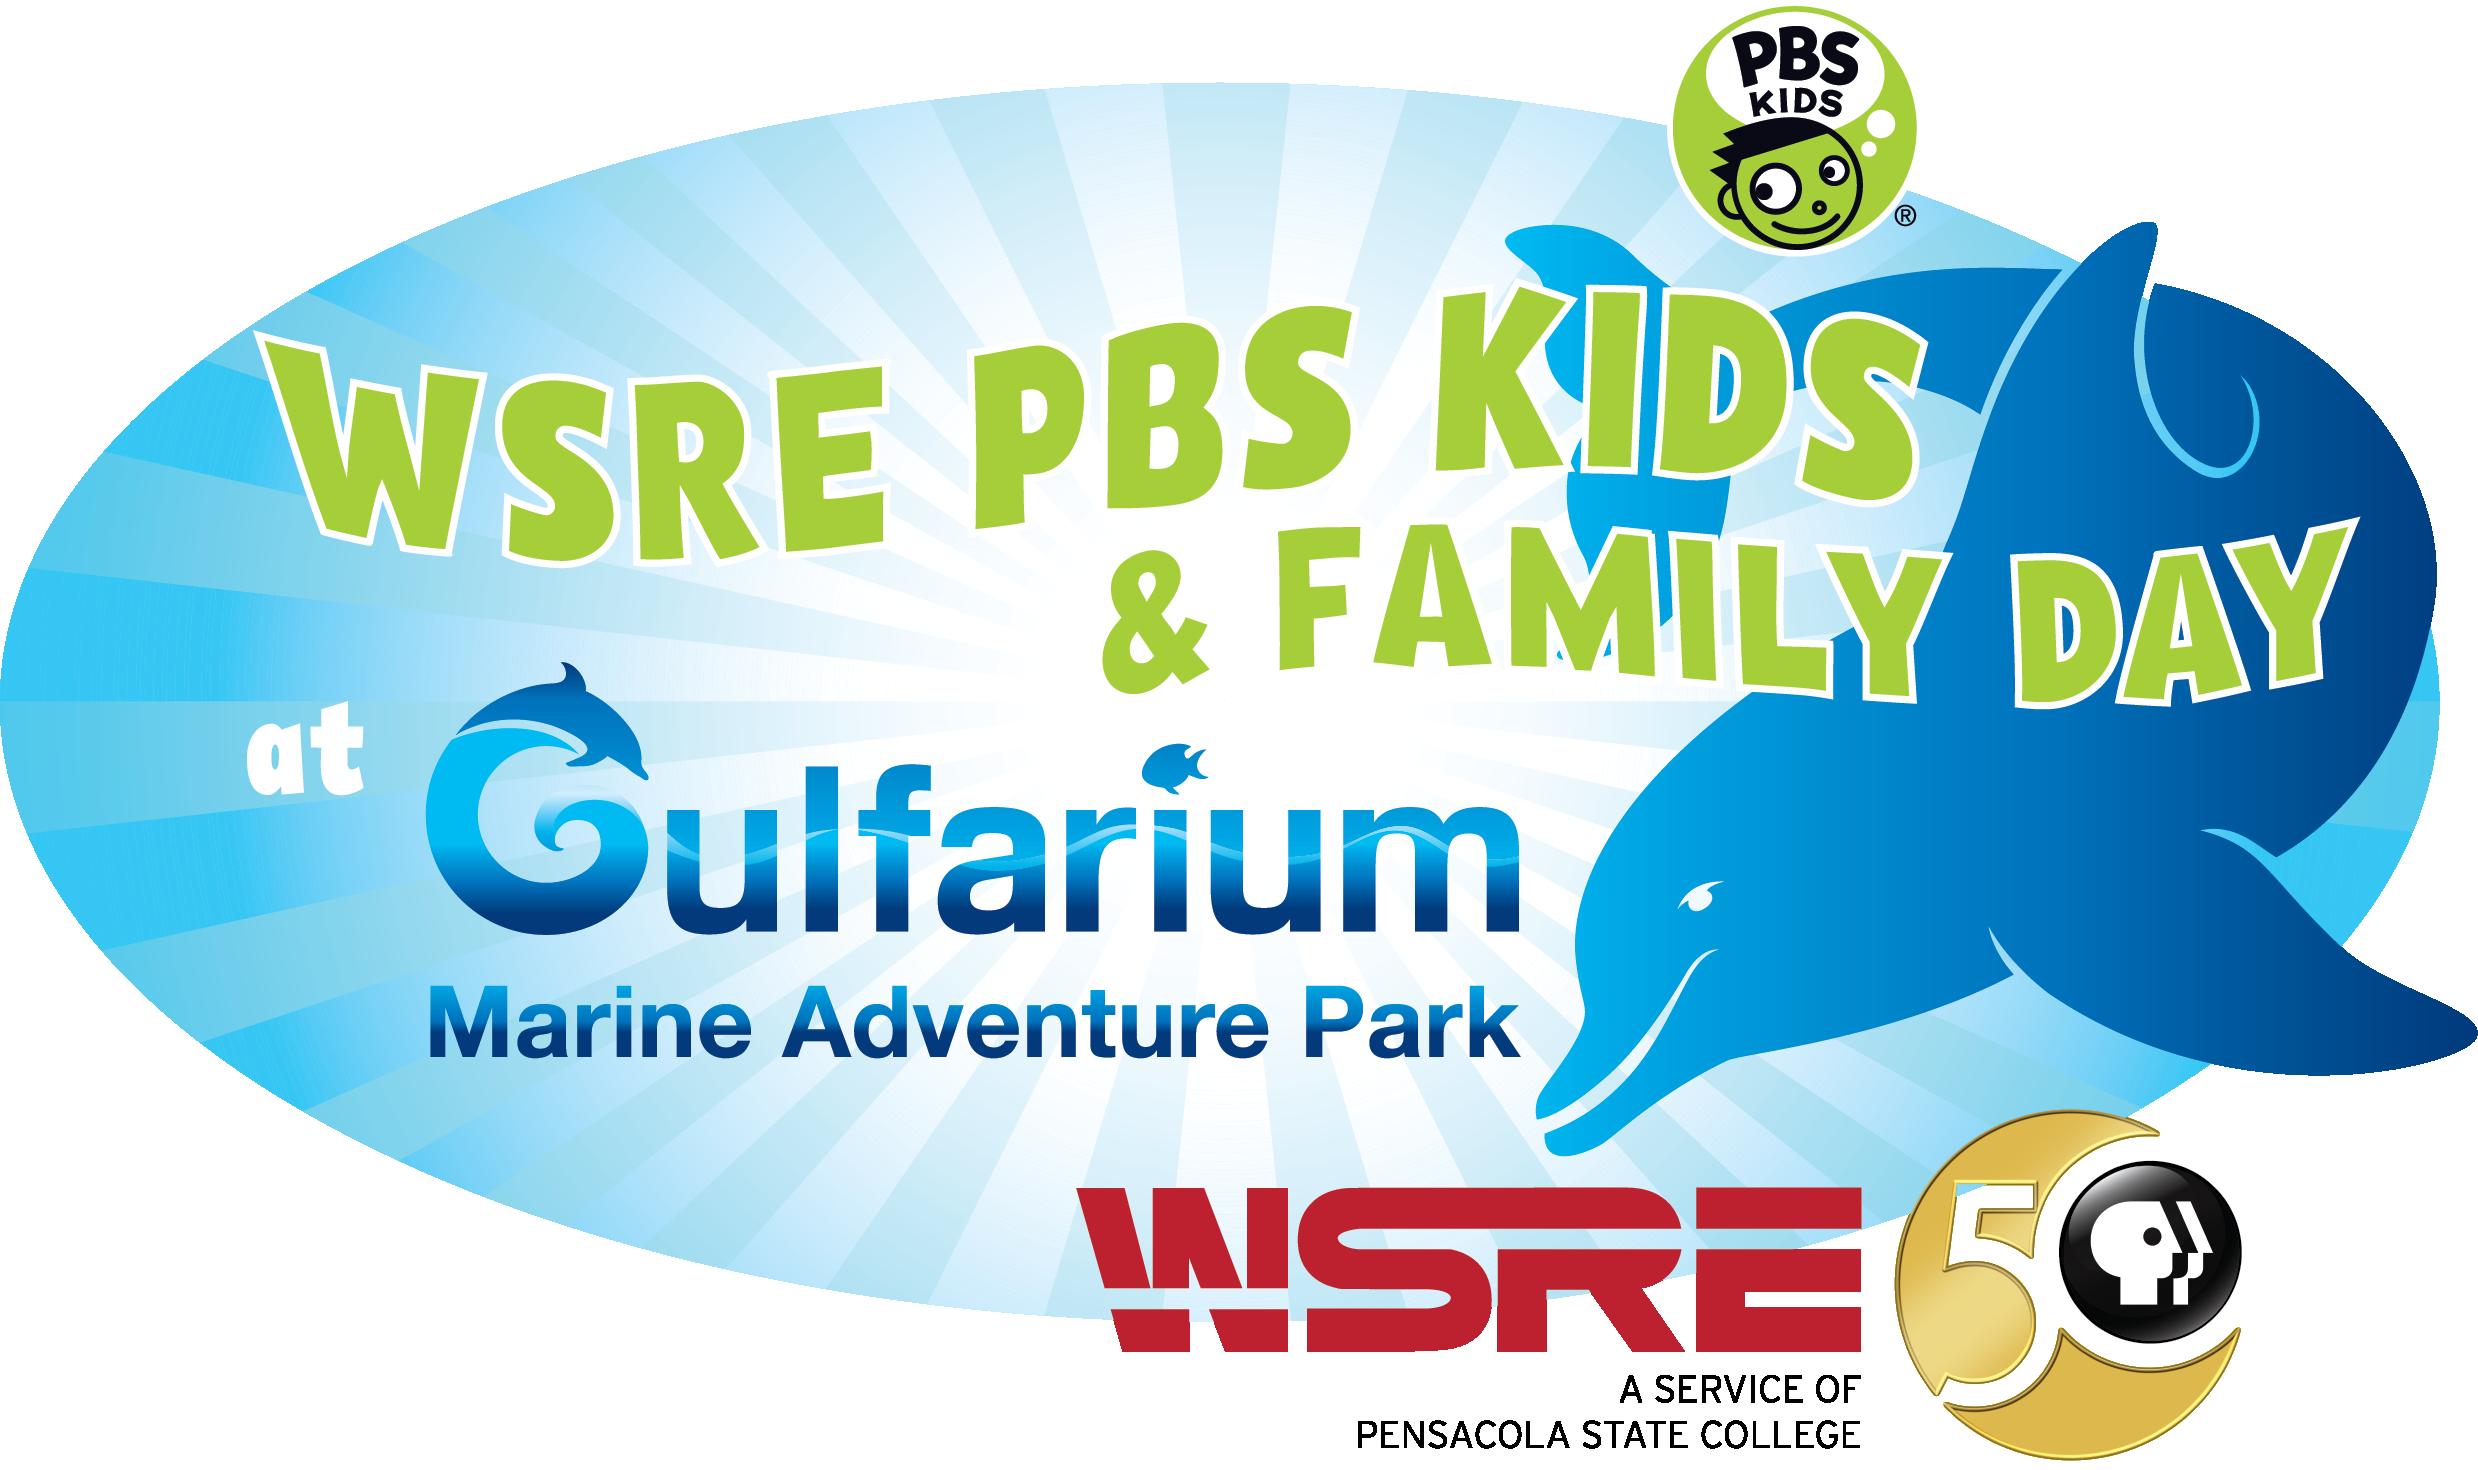 3rd Annual WSRE PBS FAMILY DAY at Gulfarium Marine Adventure Park